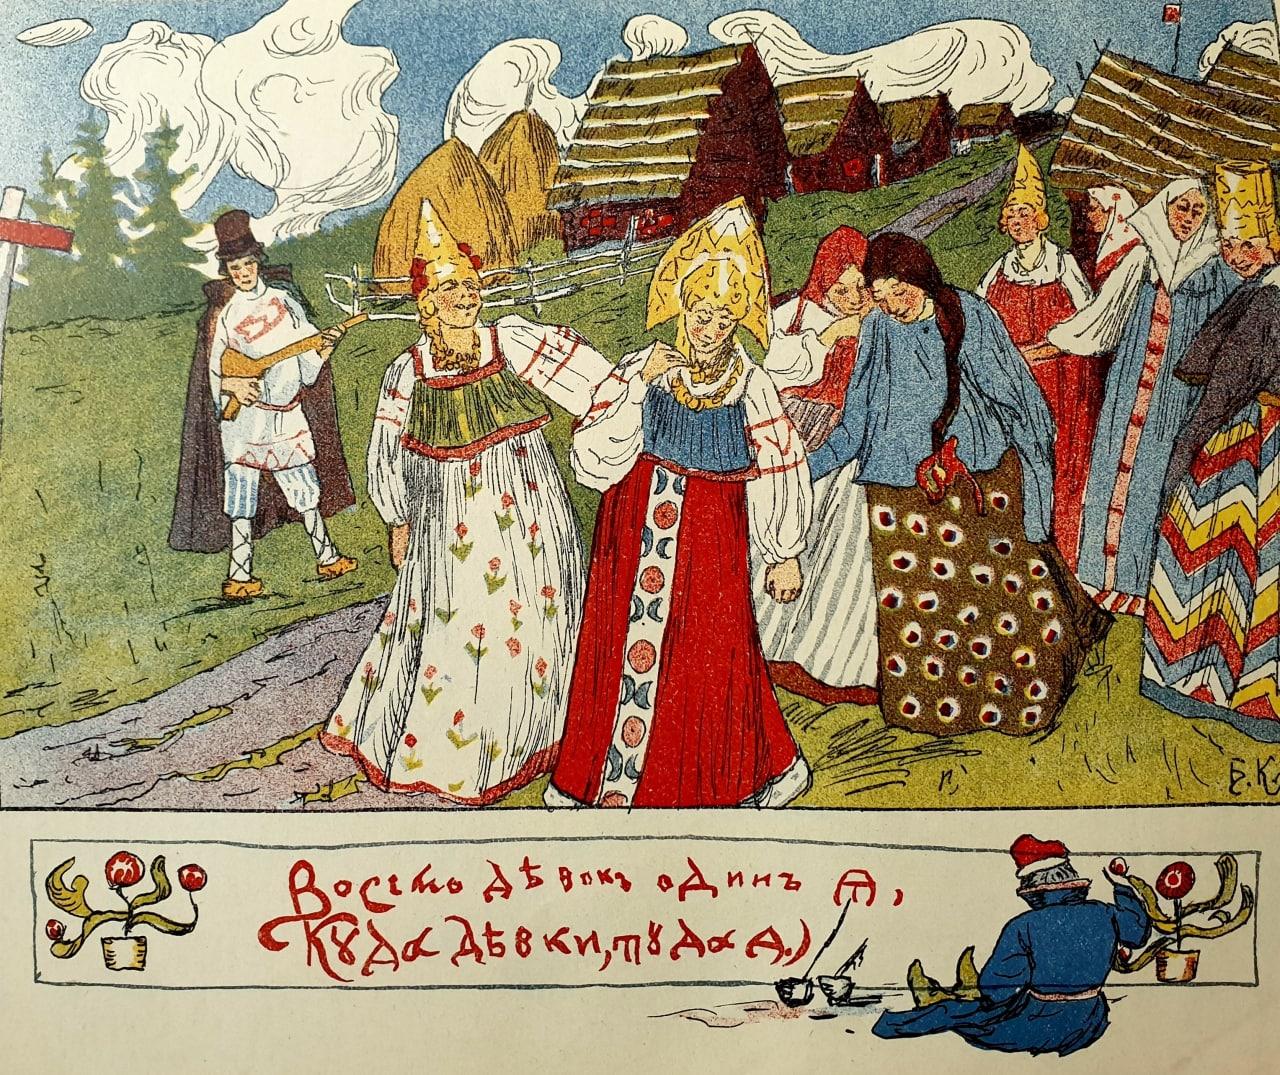 Восемь девок один я, куда девки, туда я  Журнал «Шут», Санкт-Петербург, 1901...